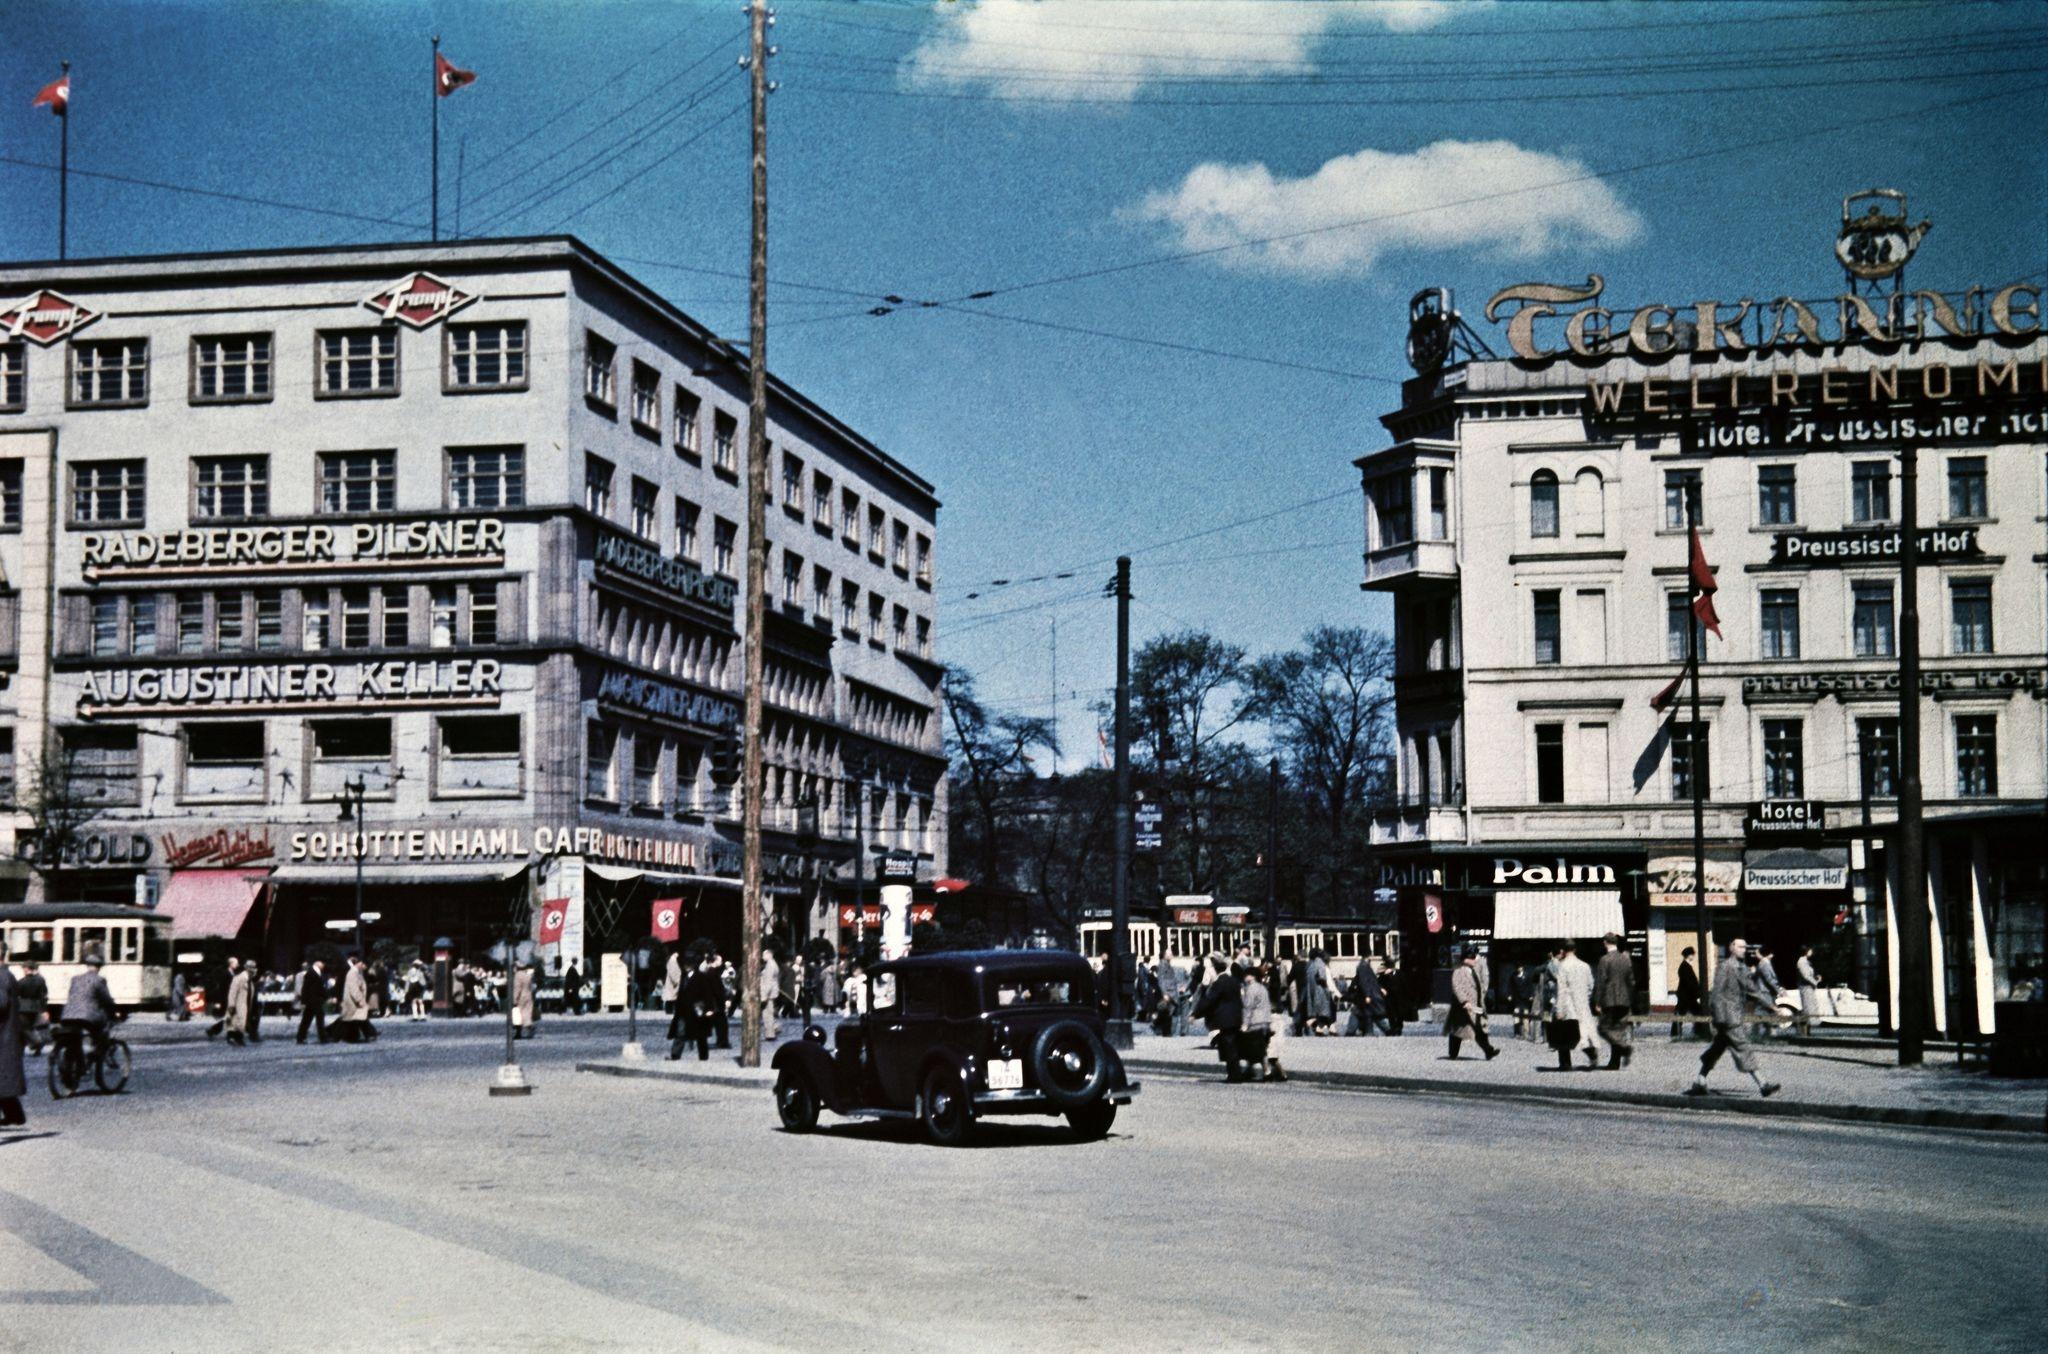 Отель Августинер Келлер и кафе Шоттенхамель слева и отель Пруссишер Хоф справа, все на улице Герман-Геринг-штрассе. недалеко от Анхальтского вокзала.…